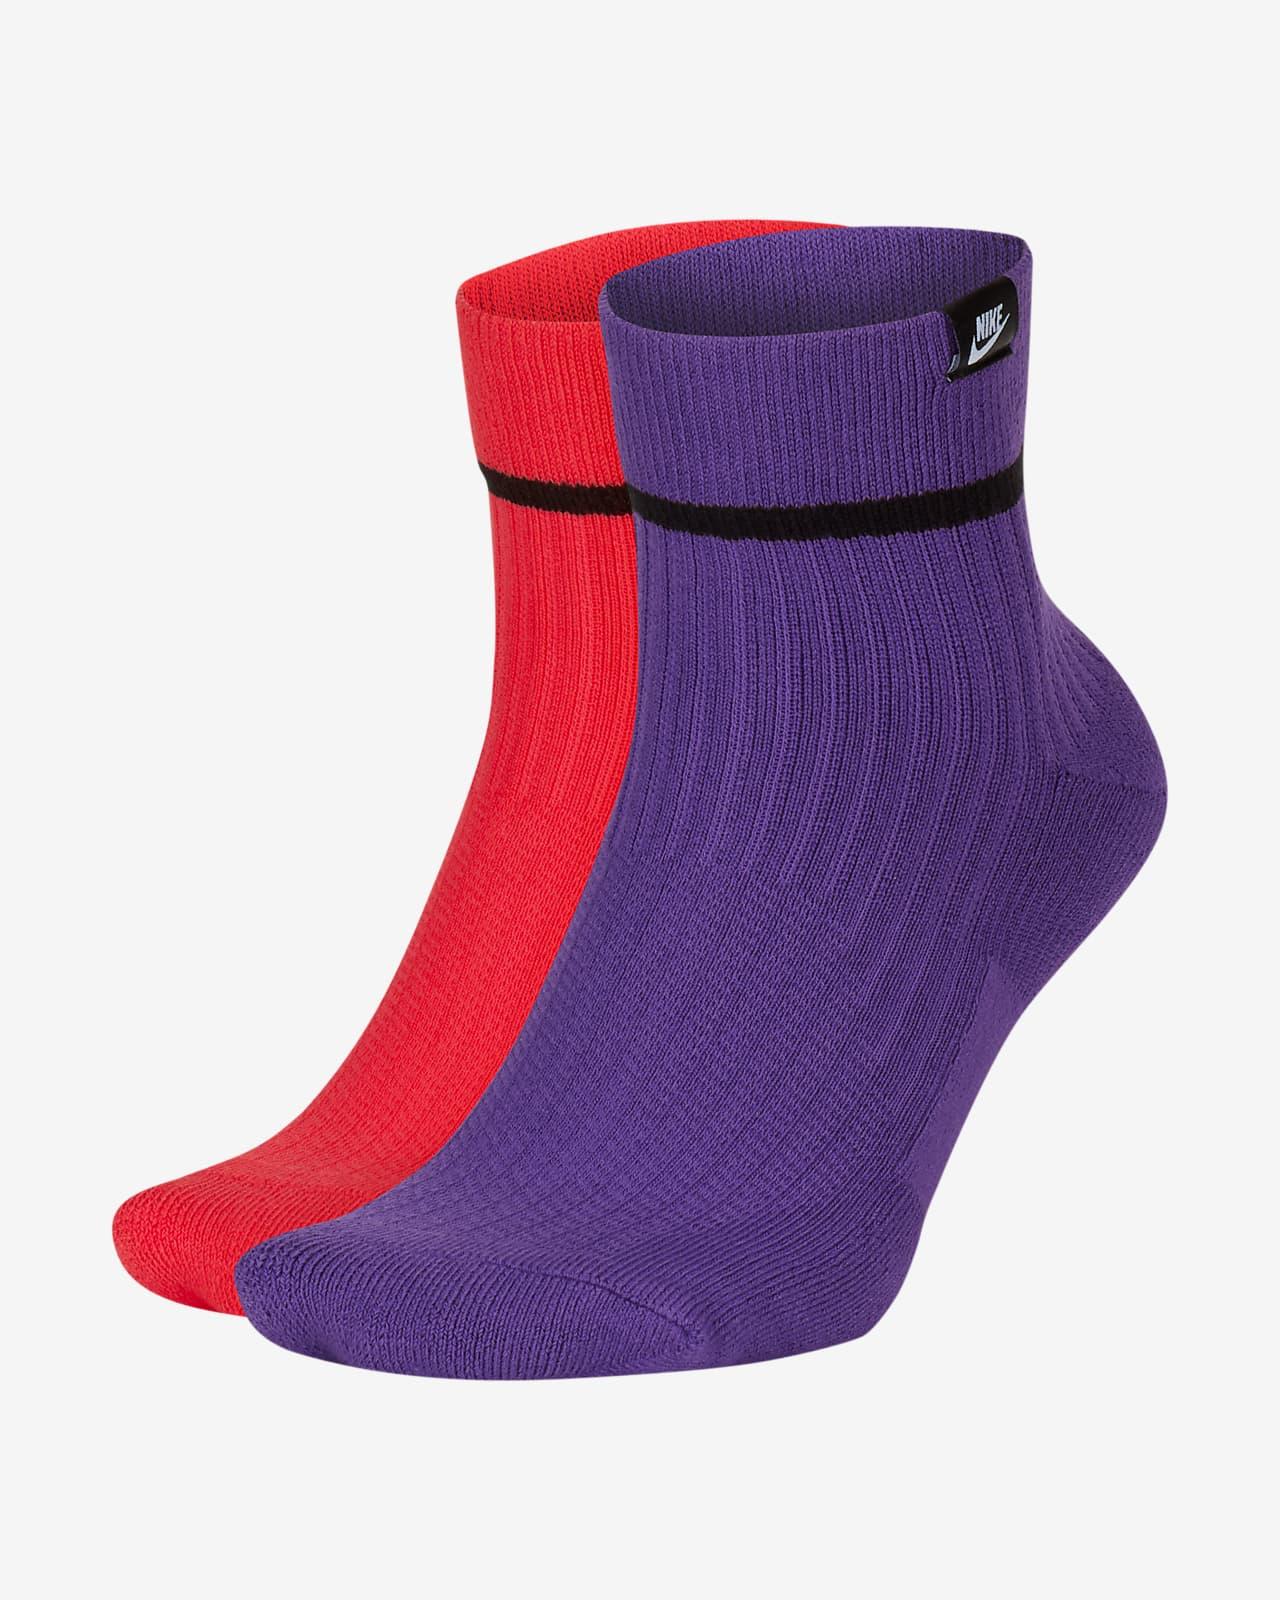 Nike SNEAKR Sox Ankle Socks (2 Pairs)